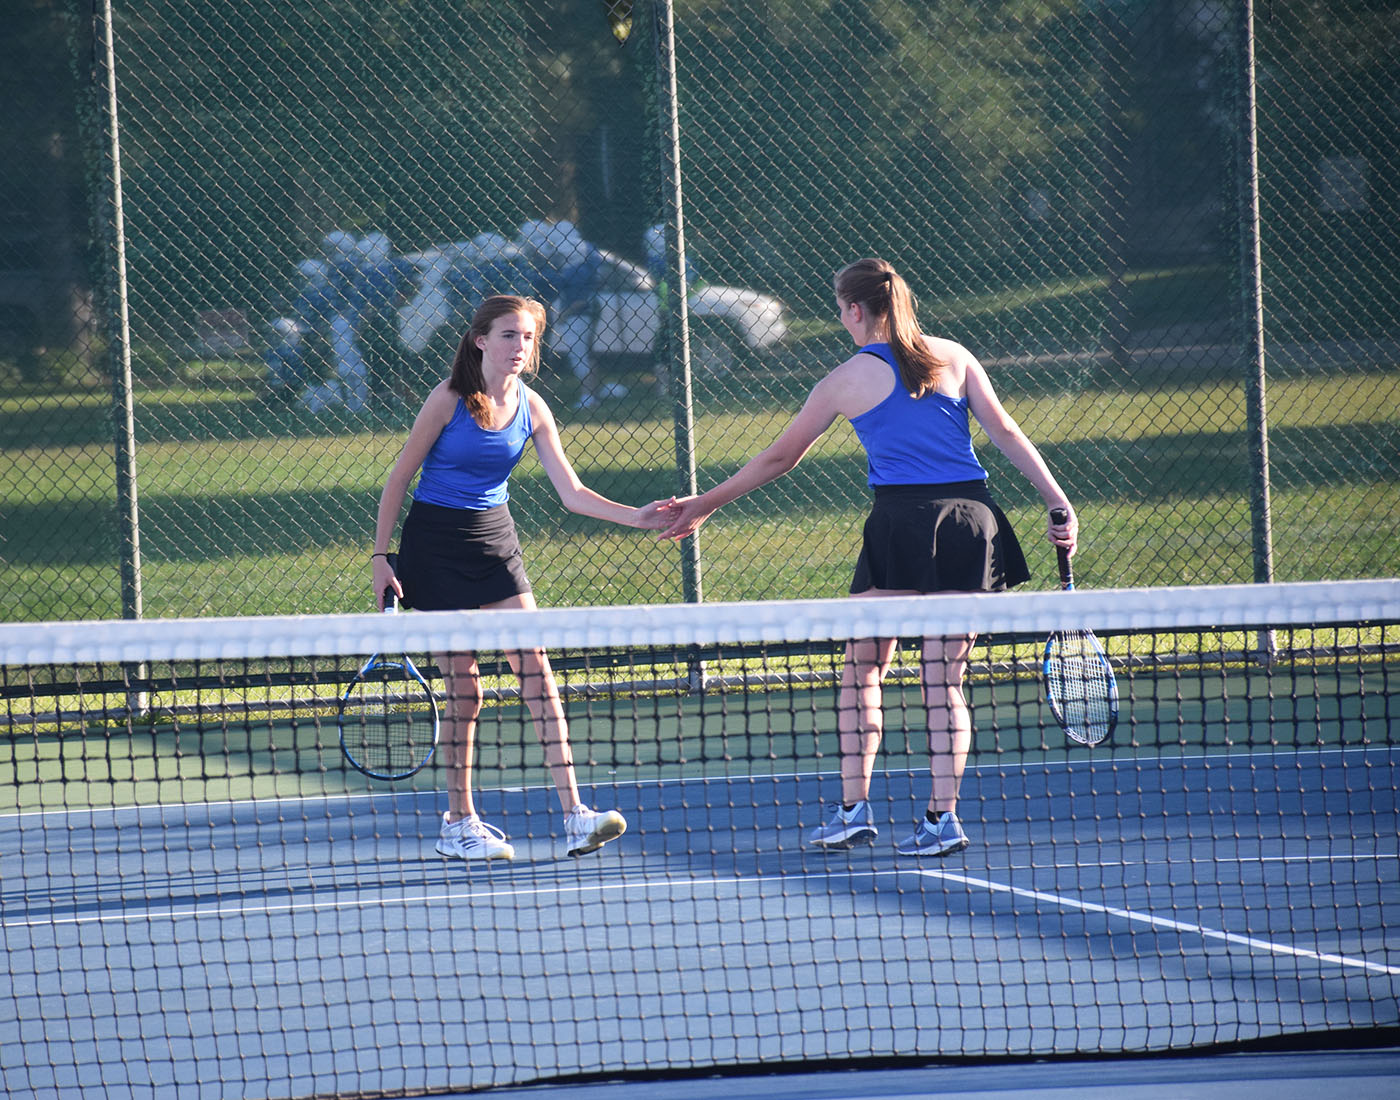 Cora Barrett and Lauren Thamert congratulate each other after a match